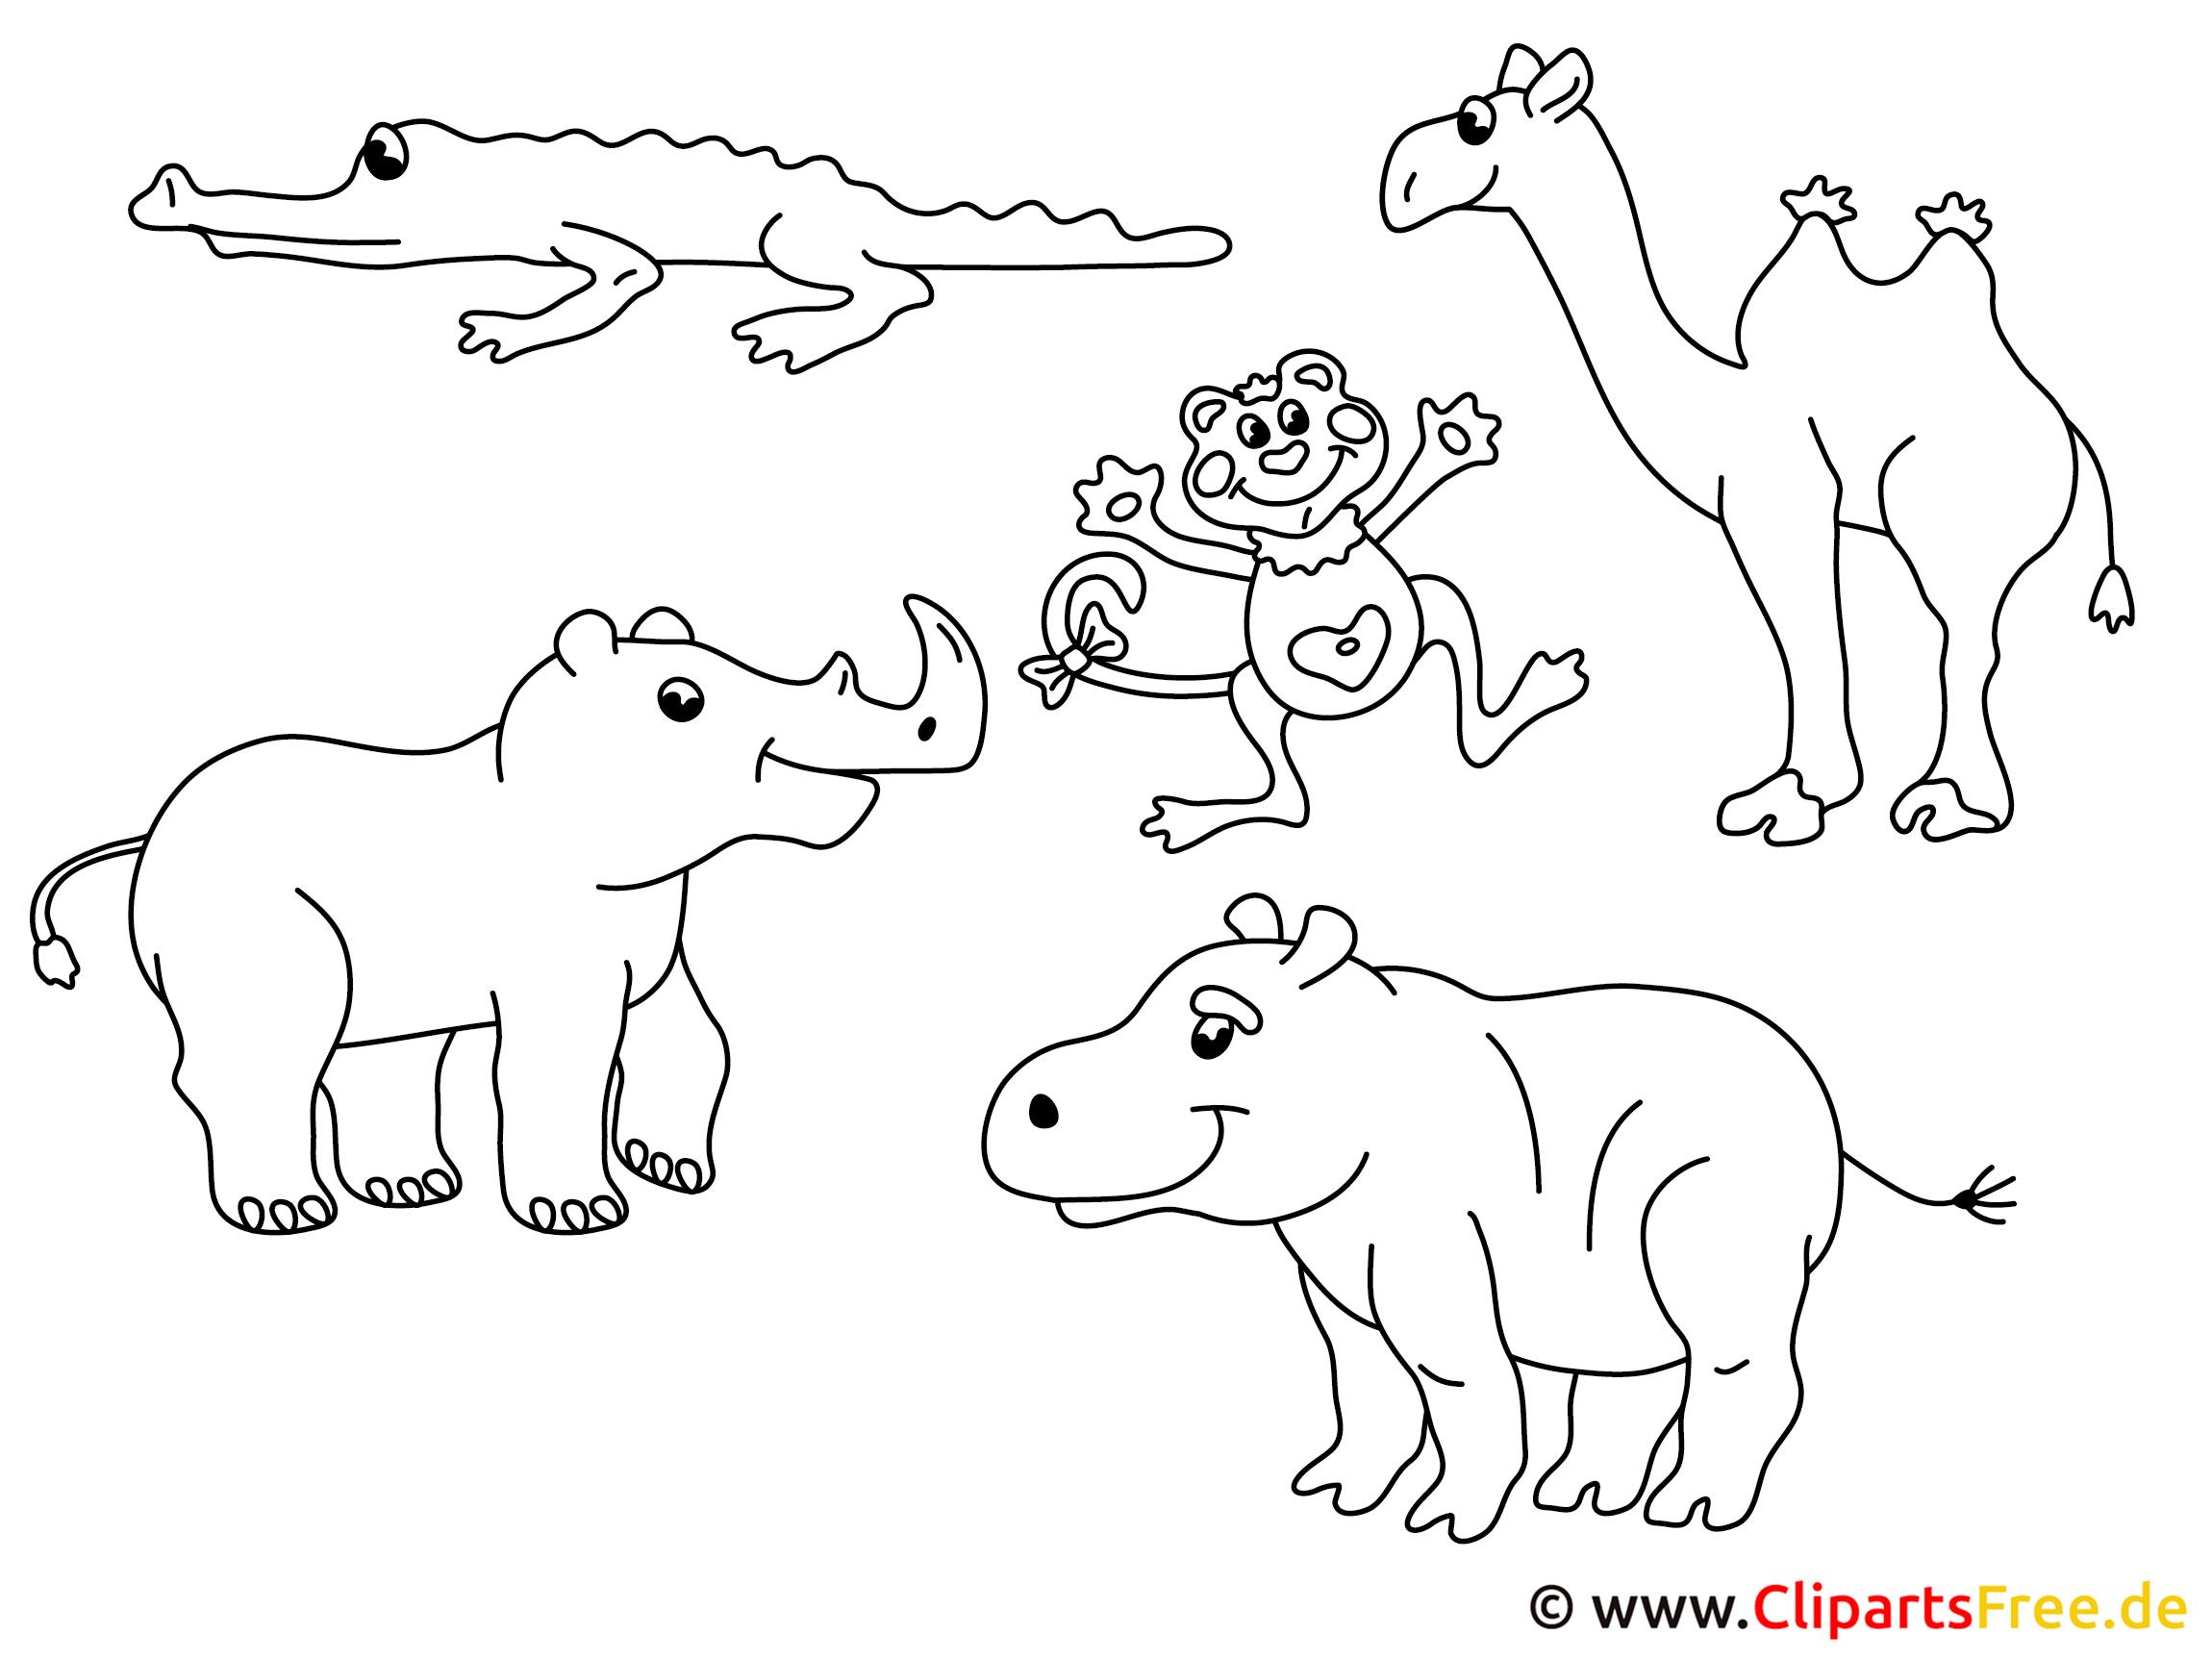 Zootiere zum ausmalen